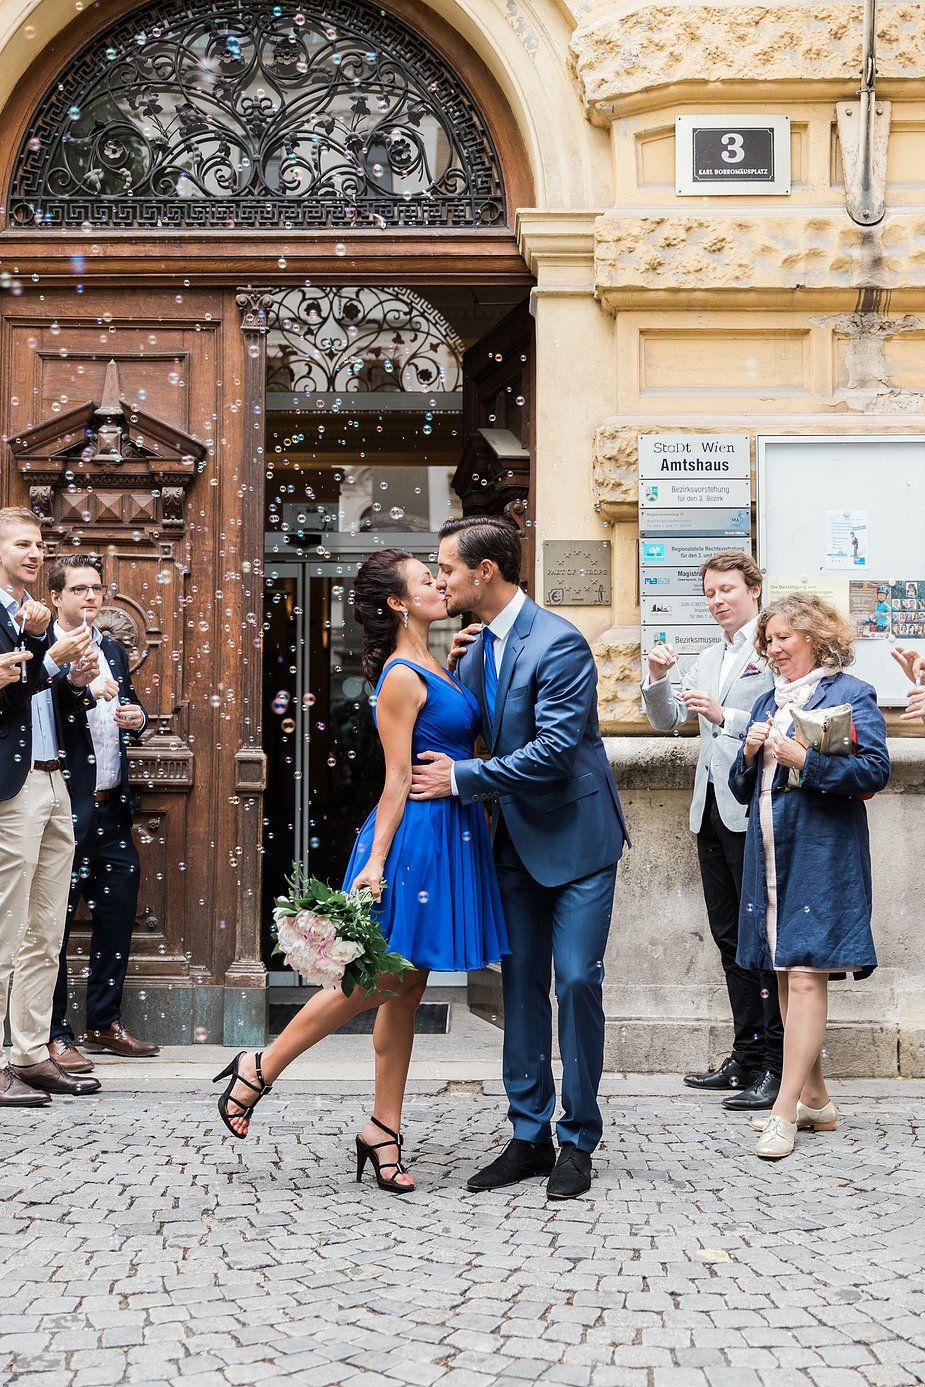 Den Ganzen Artikel Findet Auf Thetruebride Com Standesamt Standesamtliche Trauung Standesamtkleid Brautk Standesamtliche Trauung Trauung Hochzeitsfoto Idee